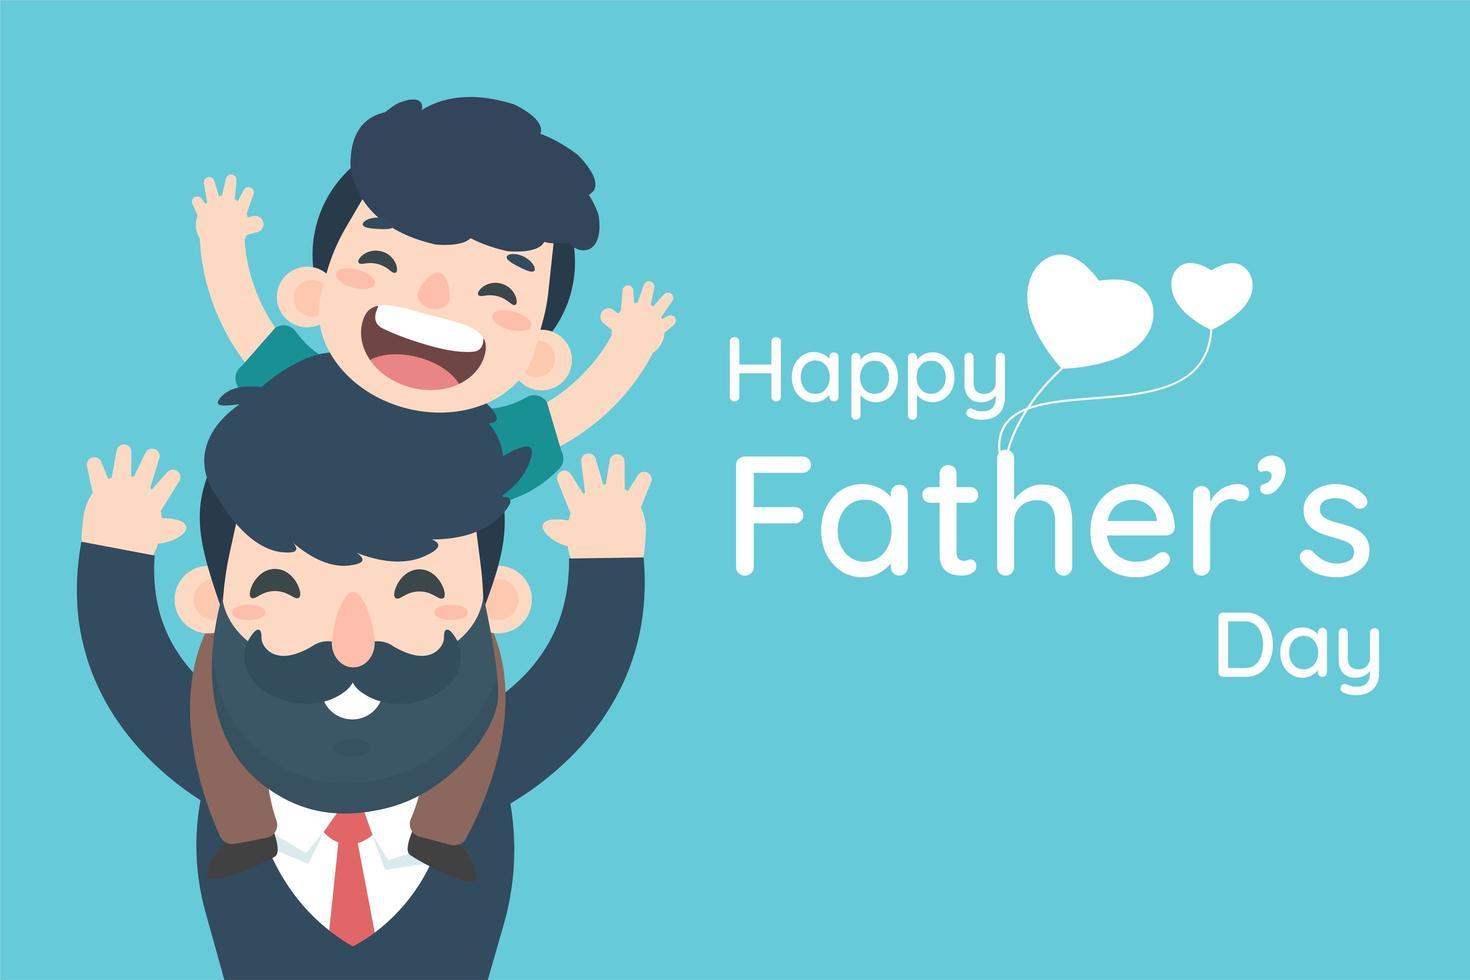 glücklicher Vatertag mit Jungen auf Papas Schultern vektor